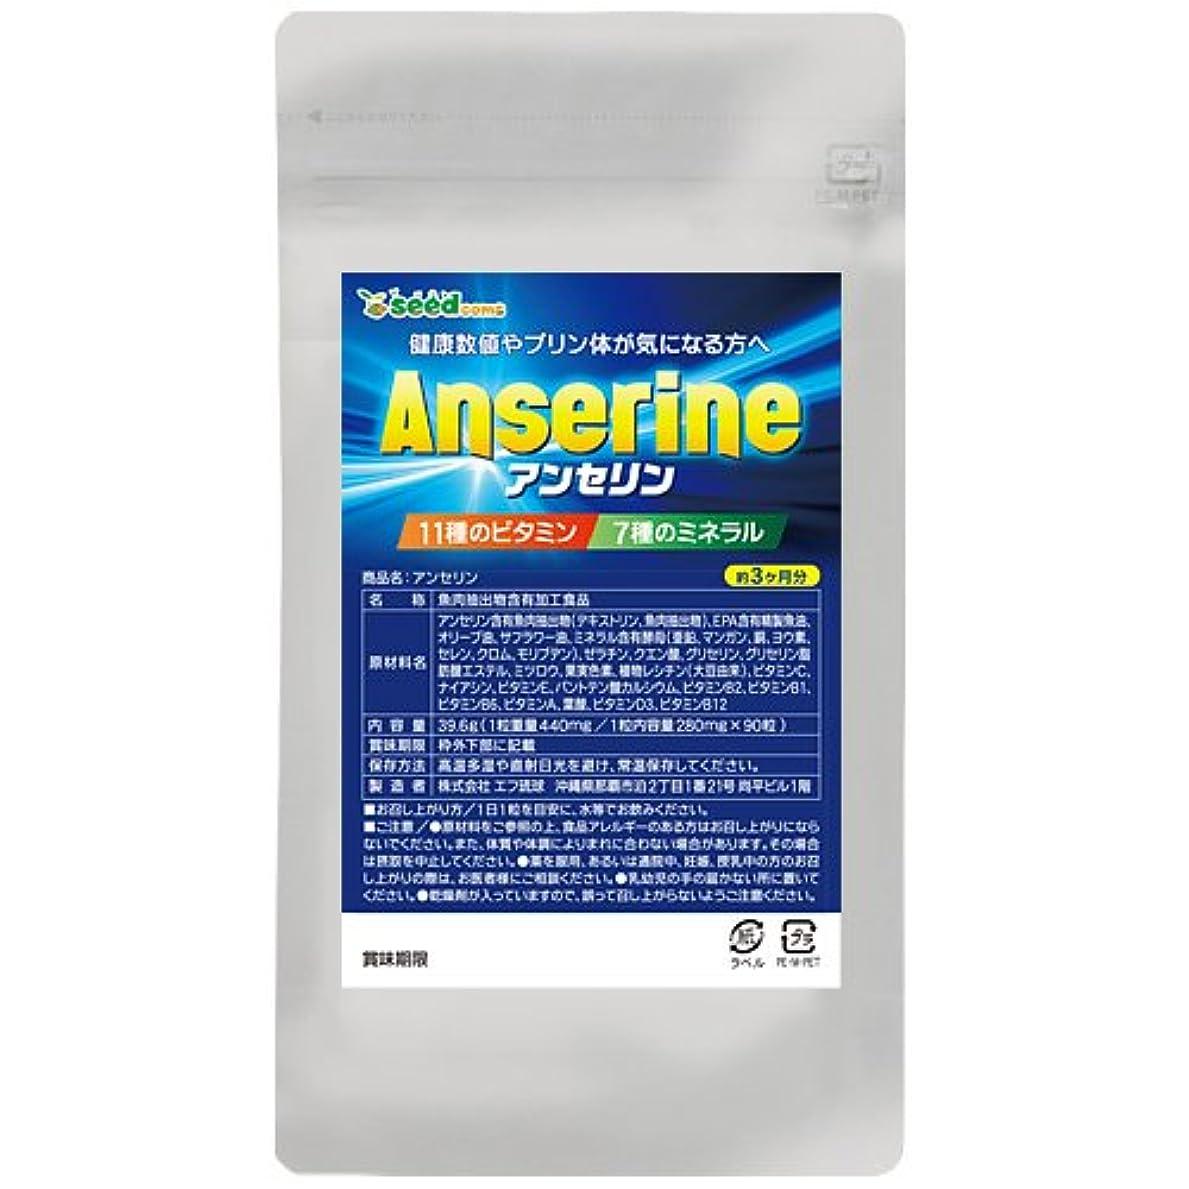 が欲しいリズミカルな漏れアンセリン (約3ヶ月分/90粒) 11種類のビタミン&7種類のミネラル